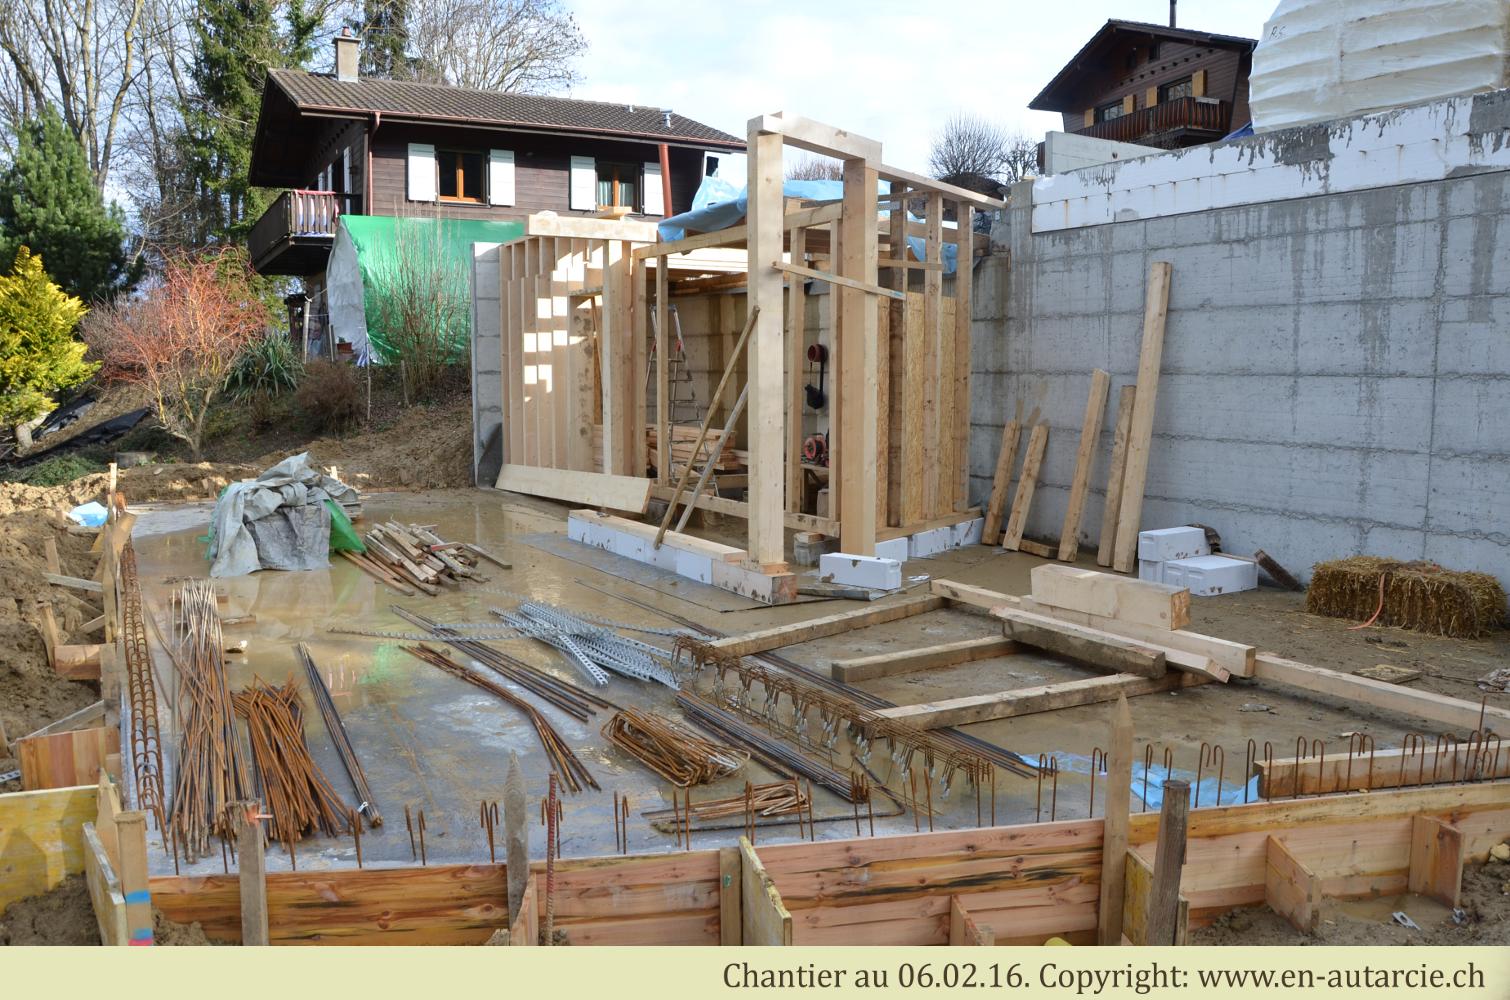 06.02.12 Rangement du chantier et préparation des structures en bois de la maison.